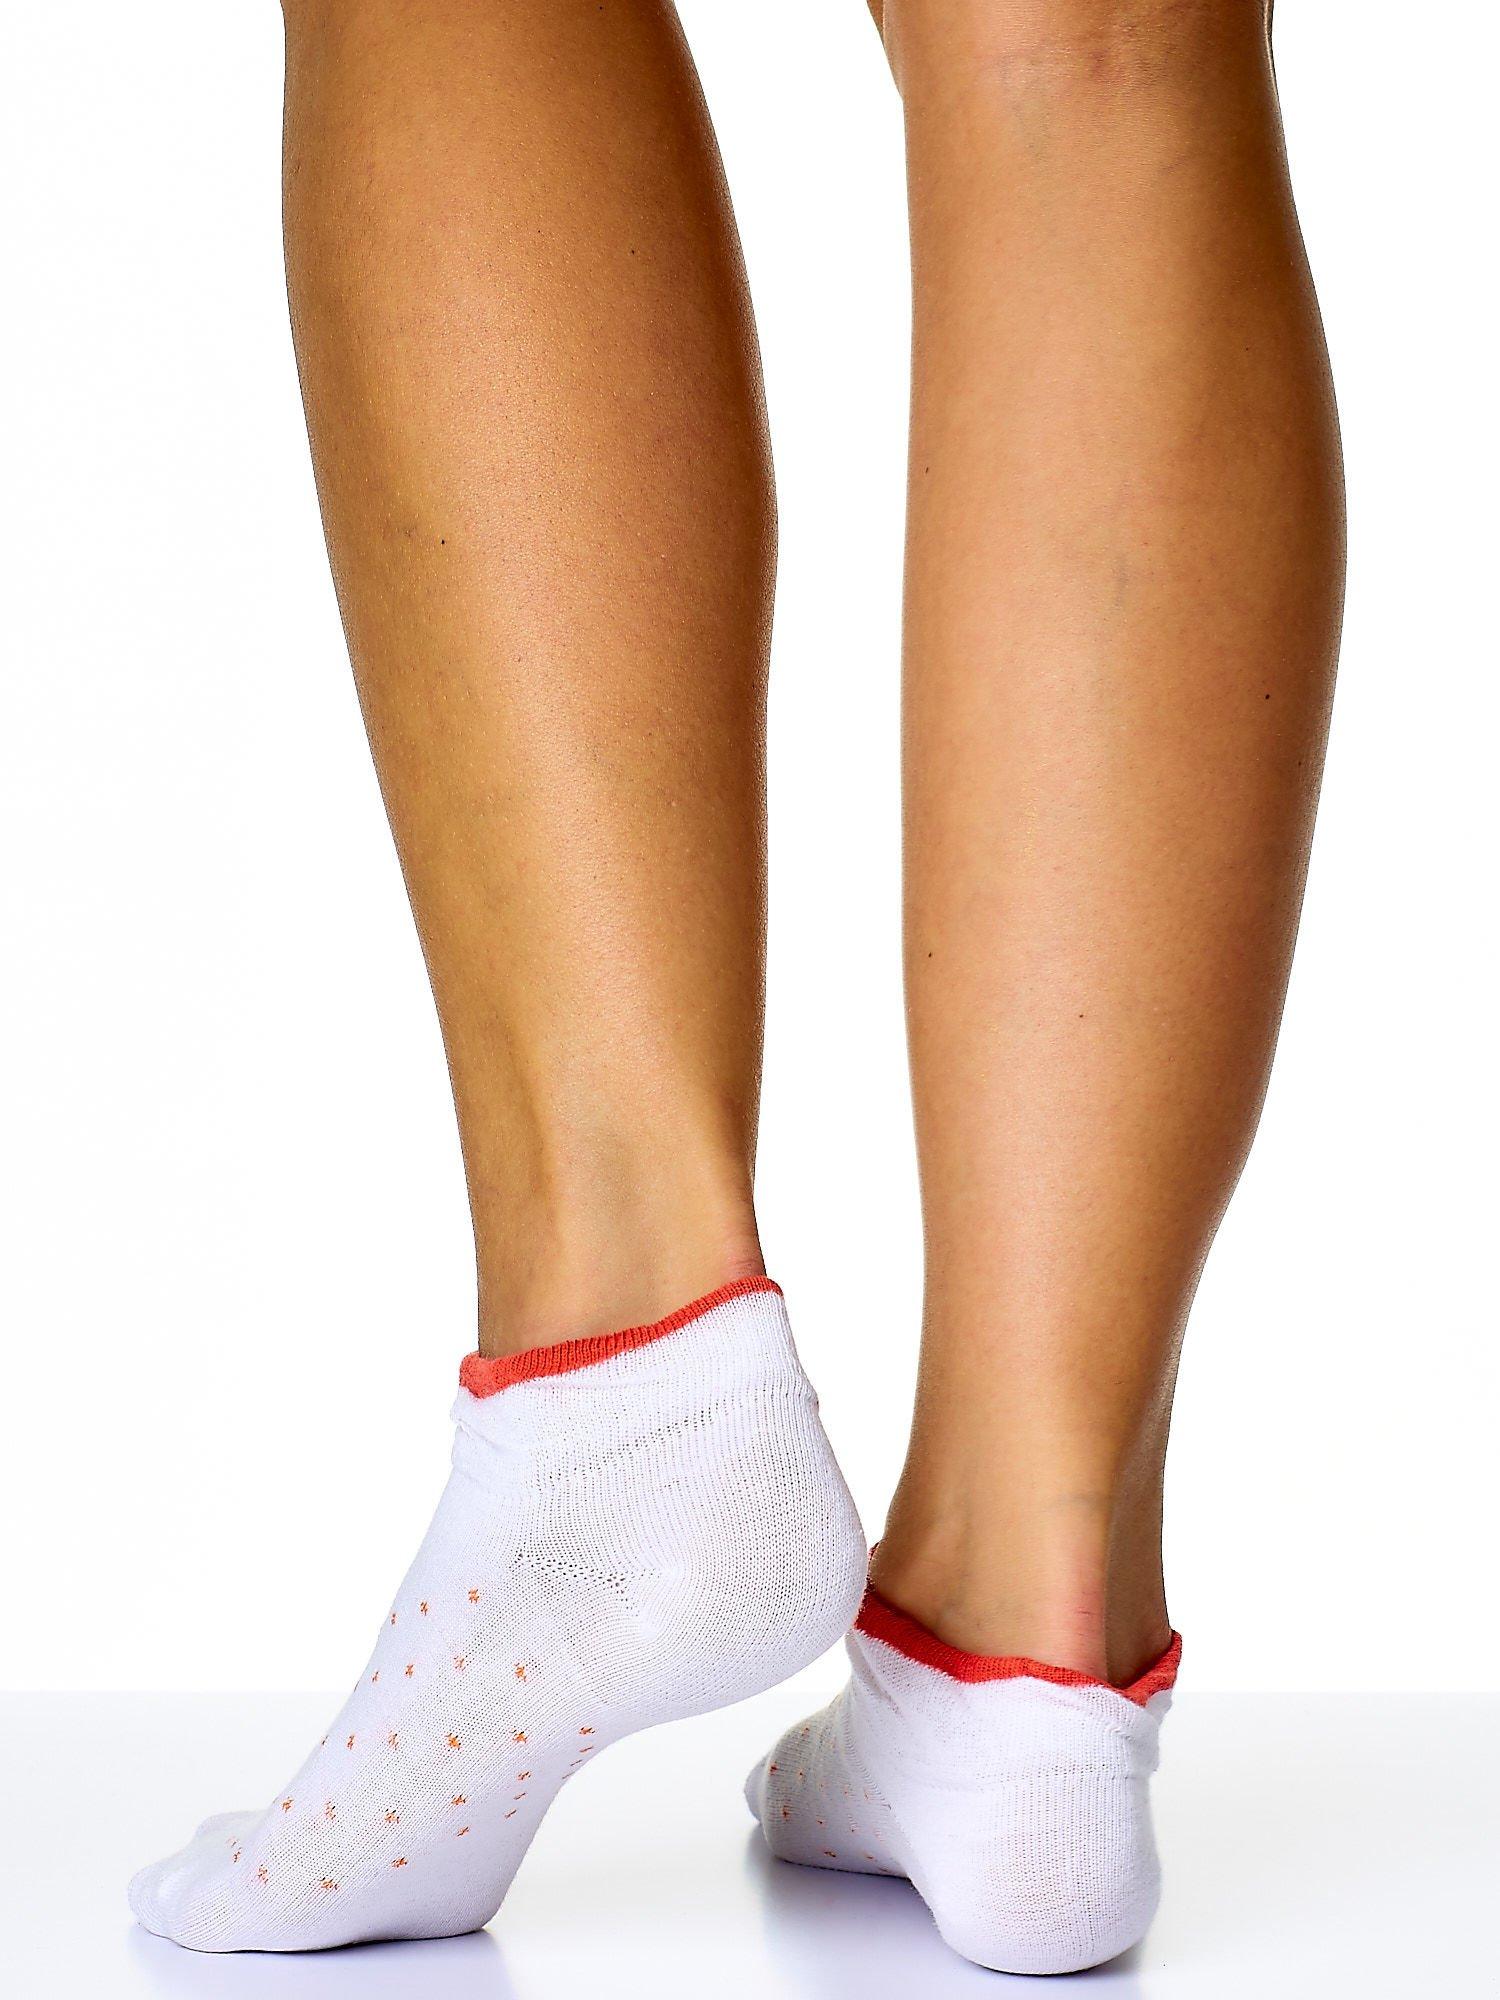 Skarpetki damskie stopki turkusowy-biały zestaw 2 pary                                  zdj.                                  2